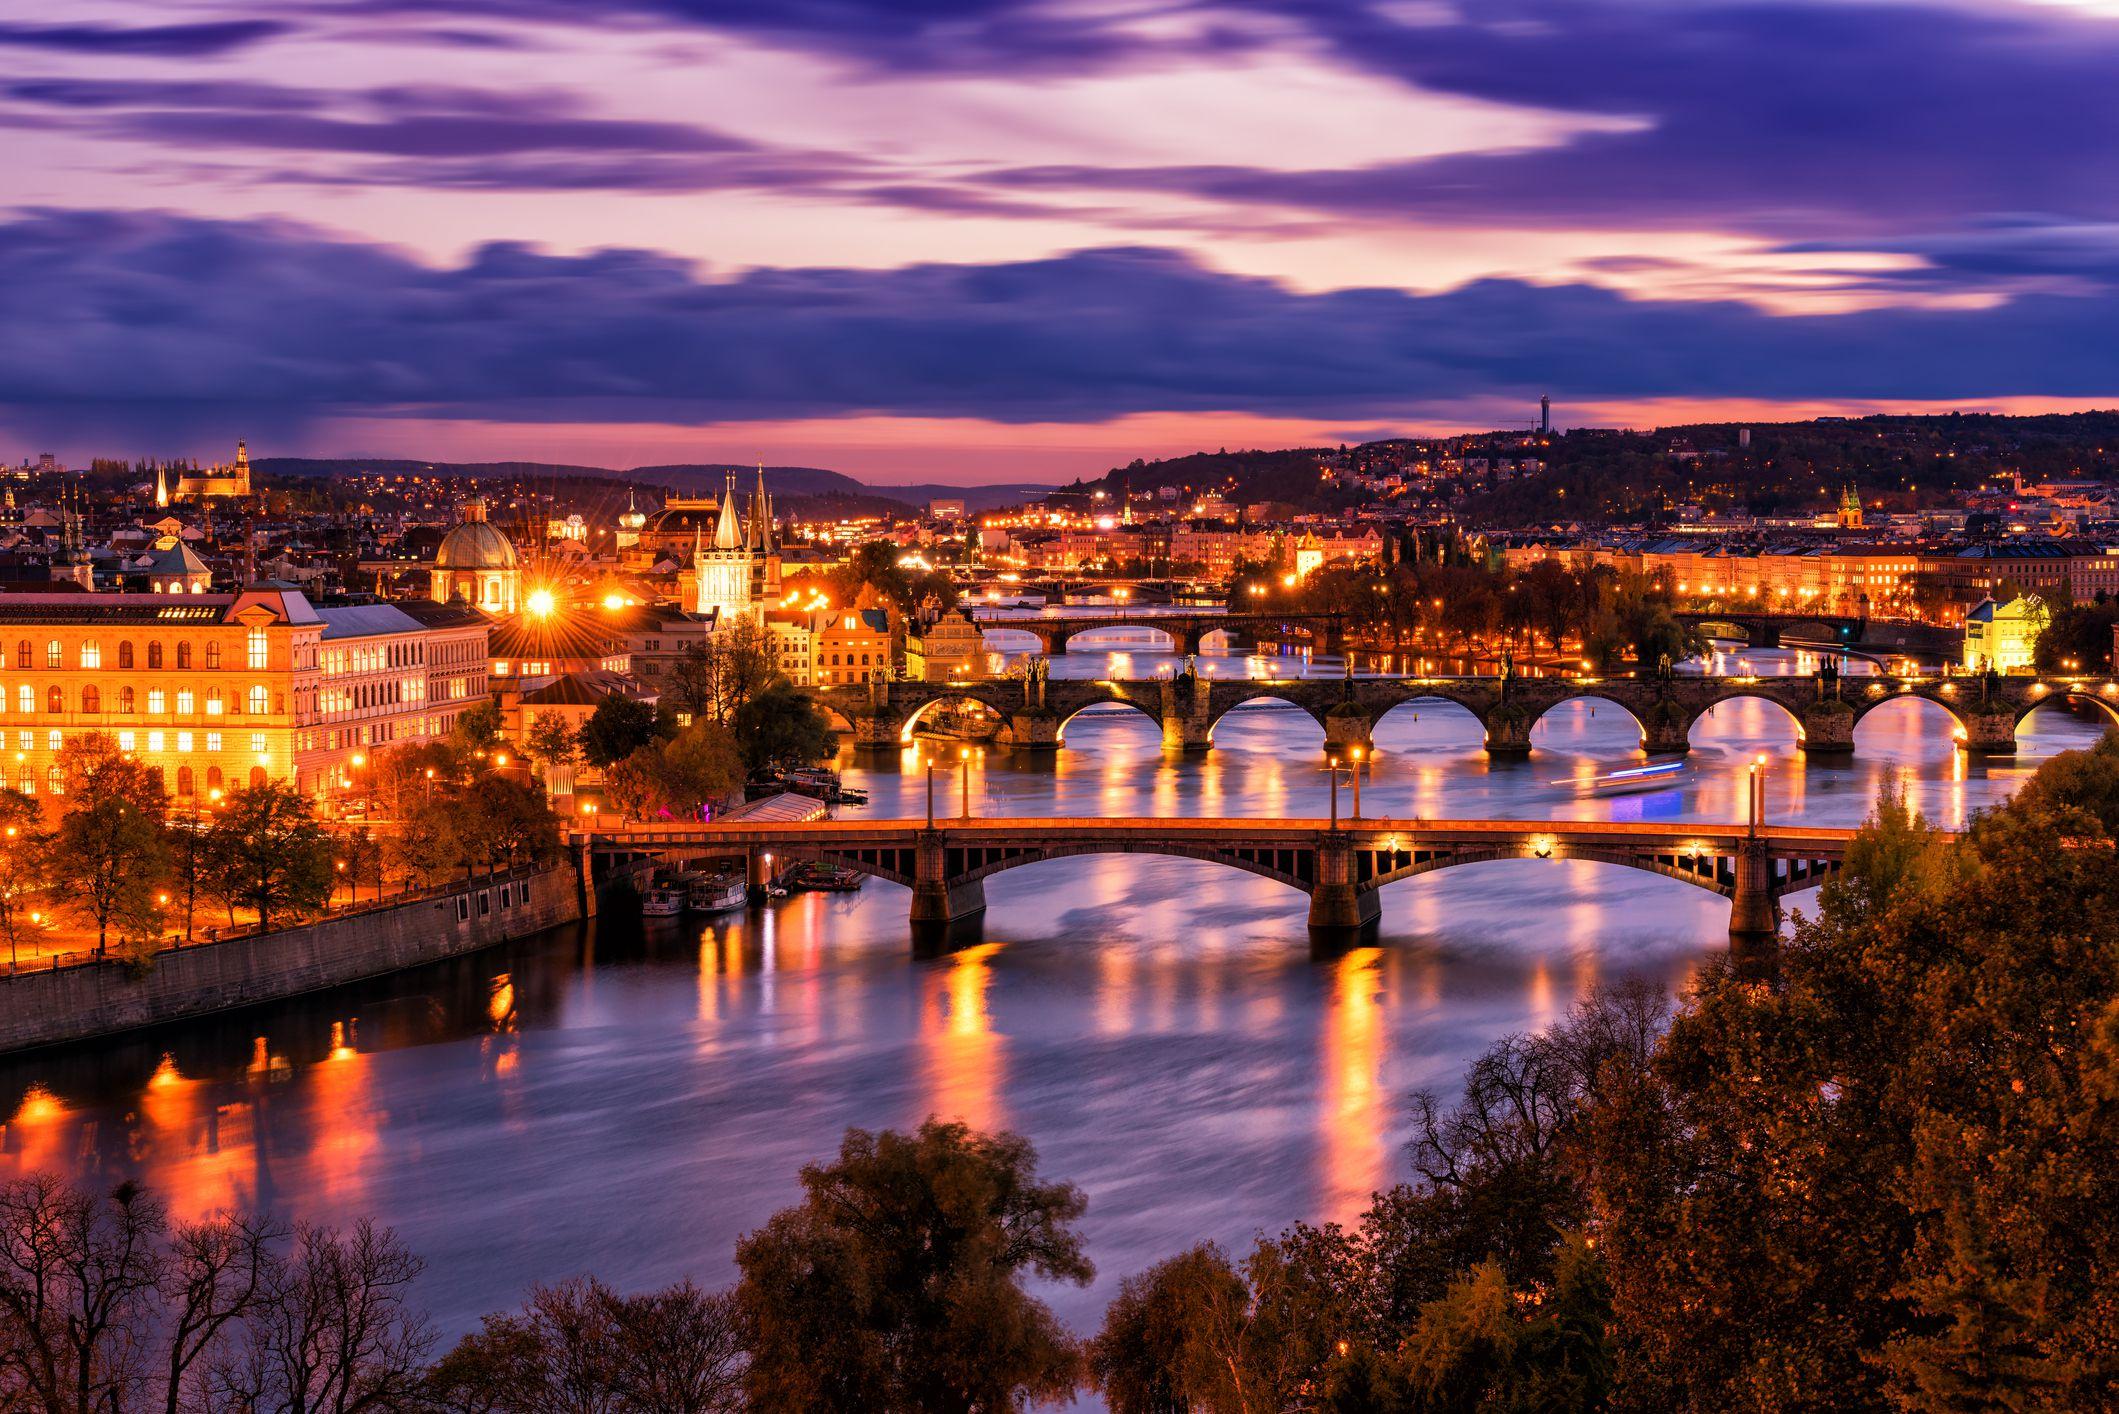 Nightlife in Prague: Best Bars, Clubs, & More